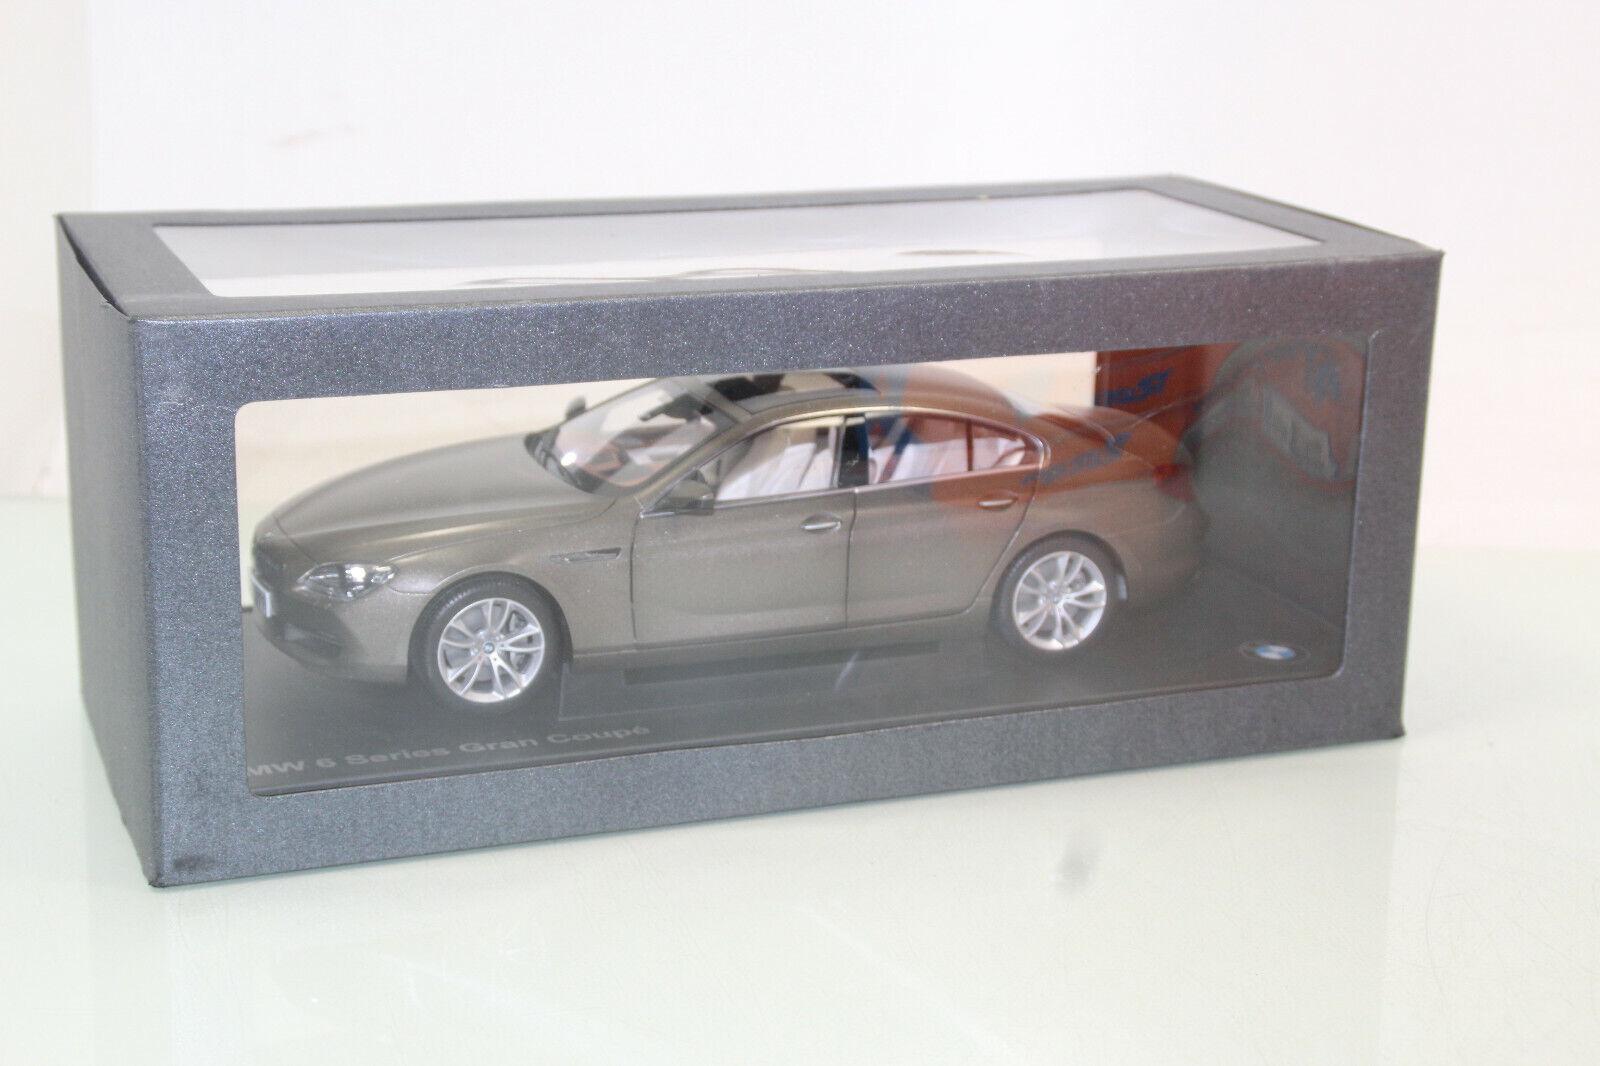 BMW Shop 1 18 80432218742 BMW 6 Series Gran Coupé bronze neuf dans sa boîte neuf (js5363)